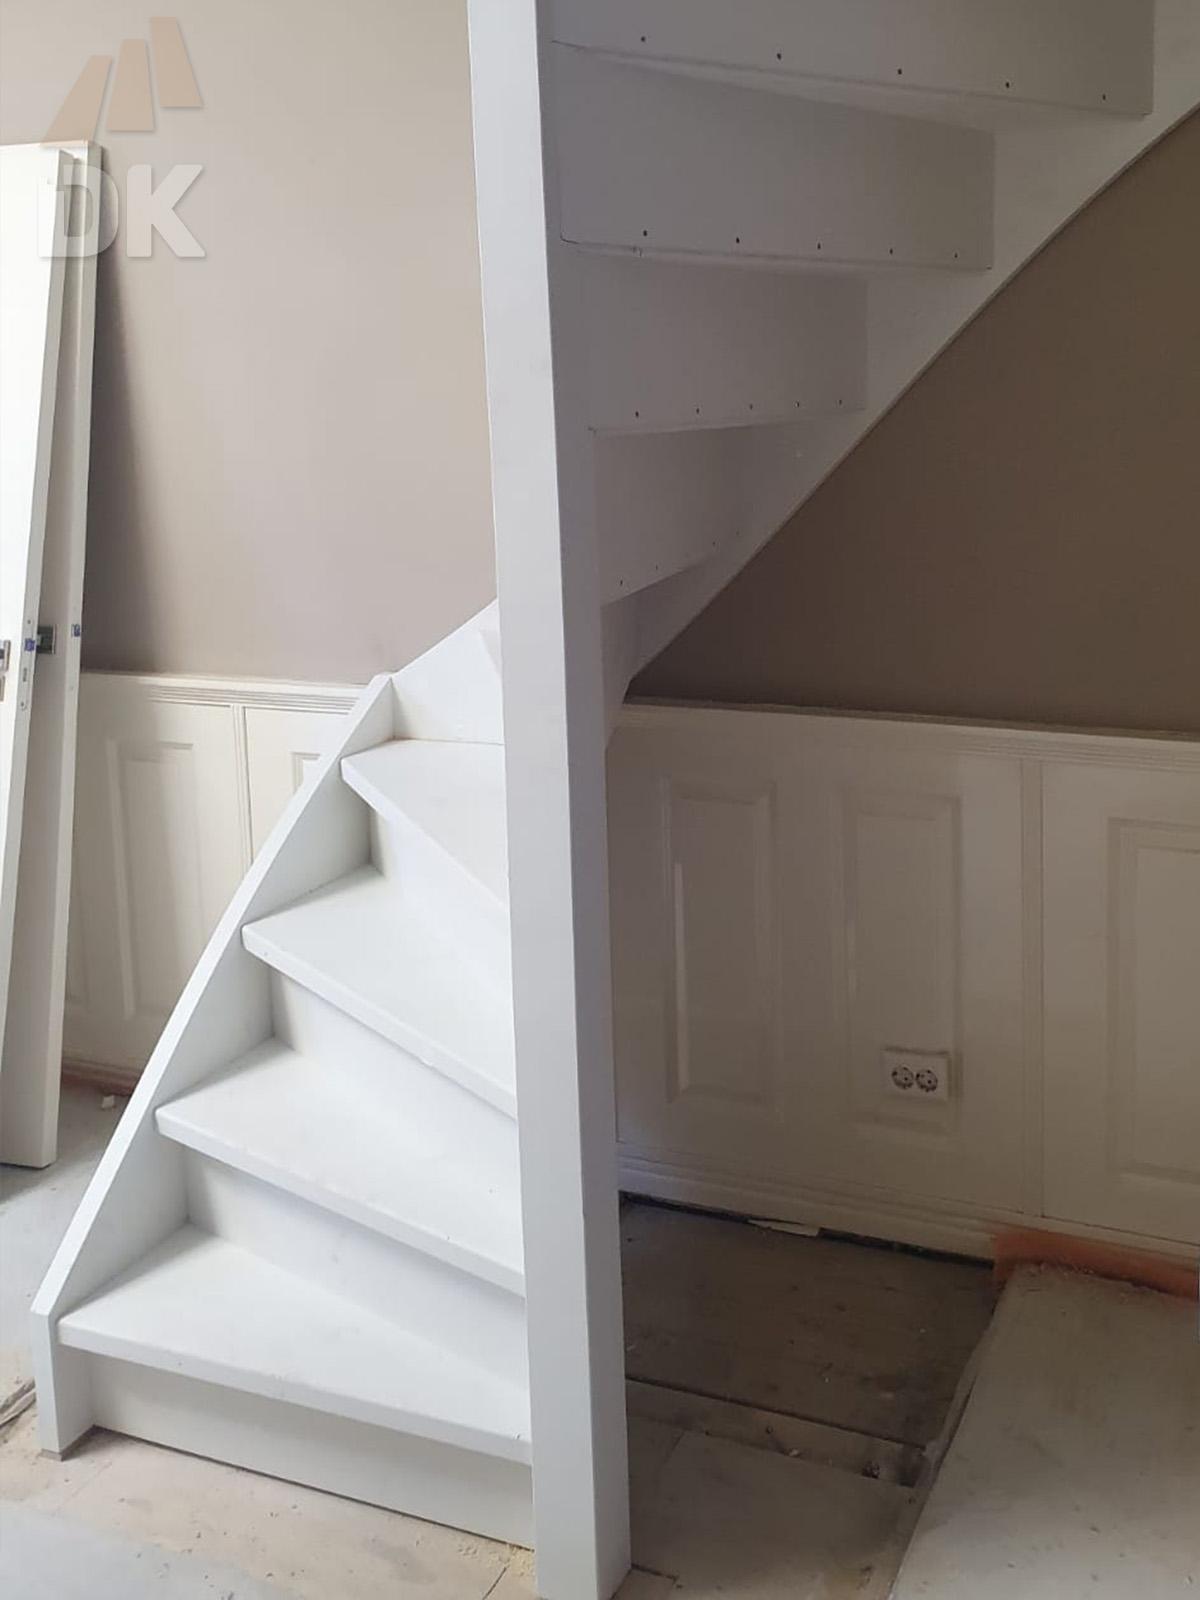 Stalen trap vervangen door dubbel kwarttrap - Foto 2